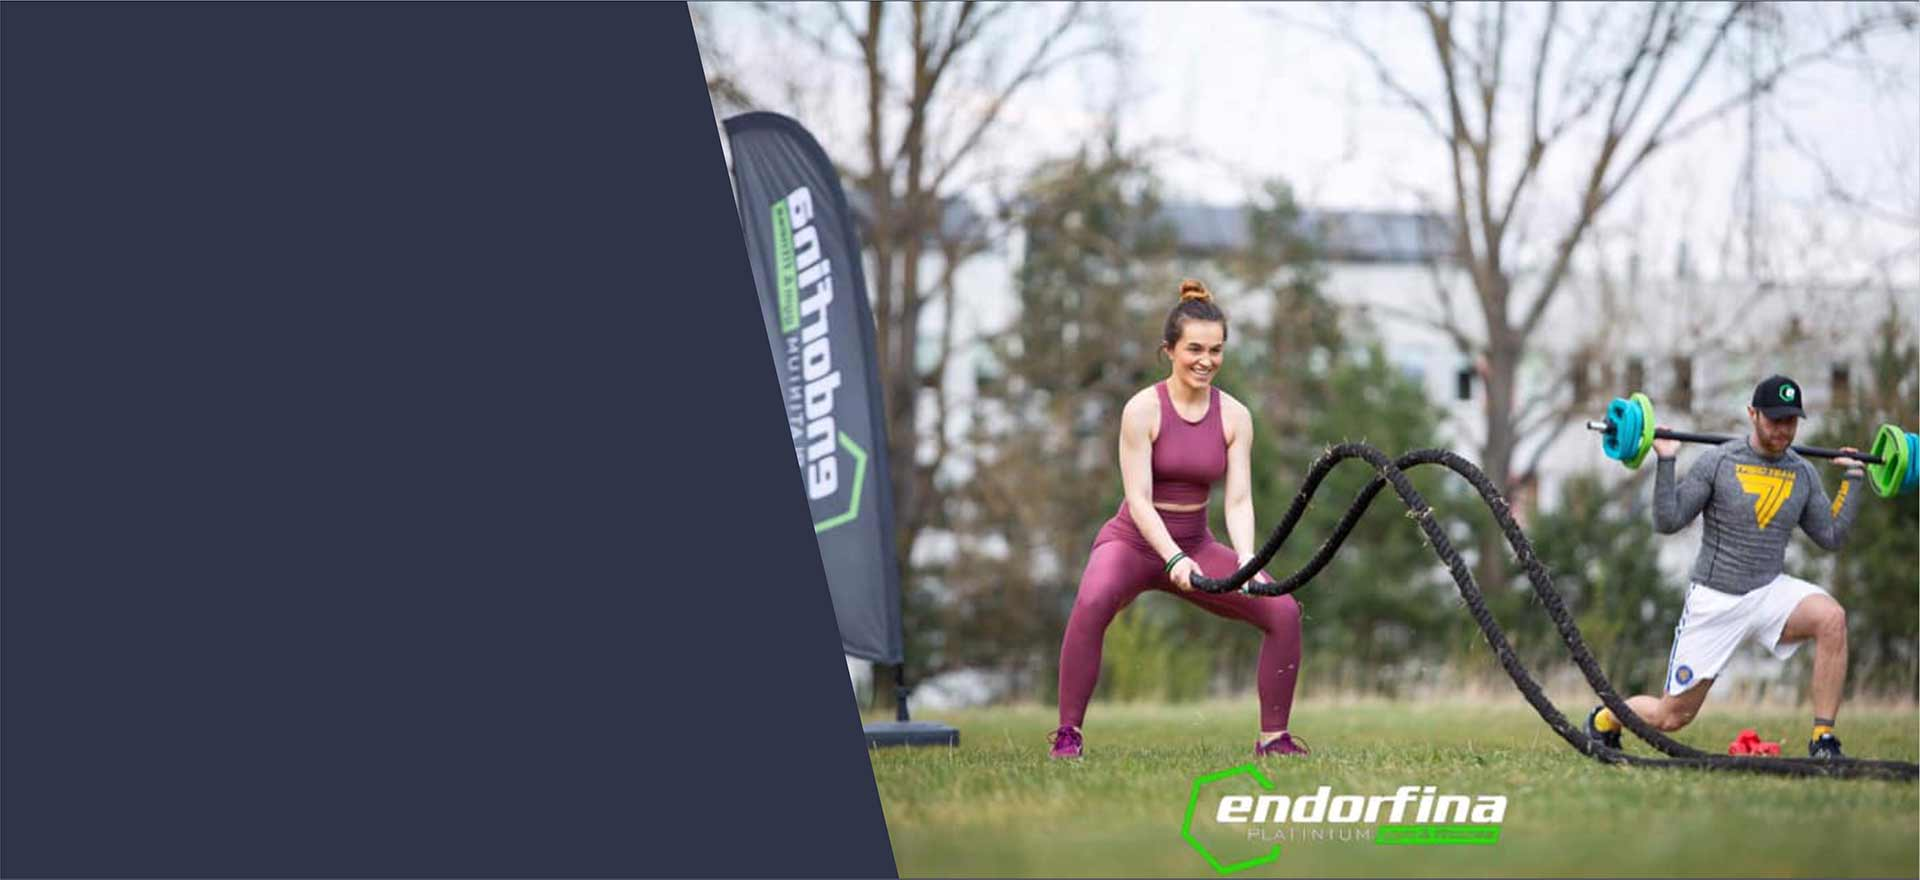 endorfina-outdoor